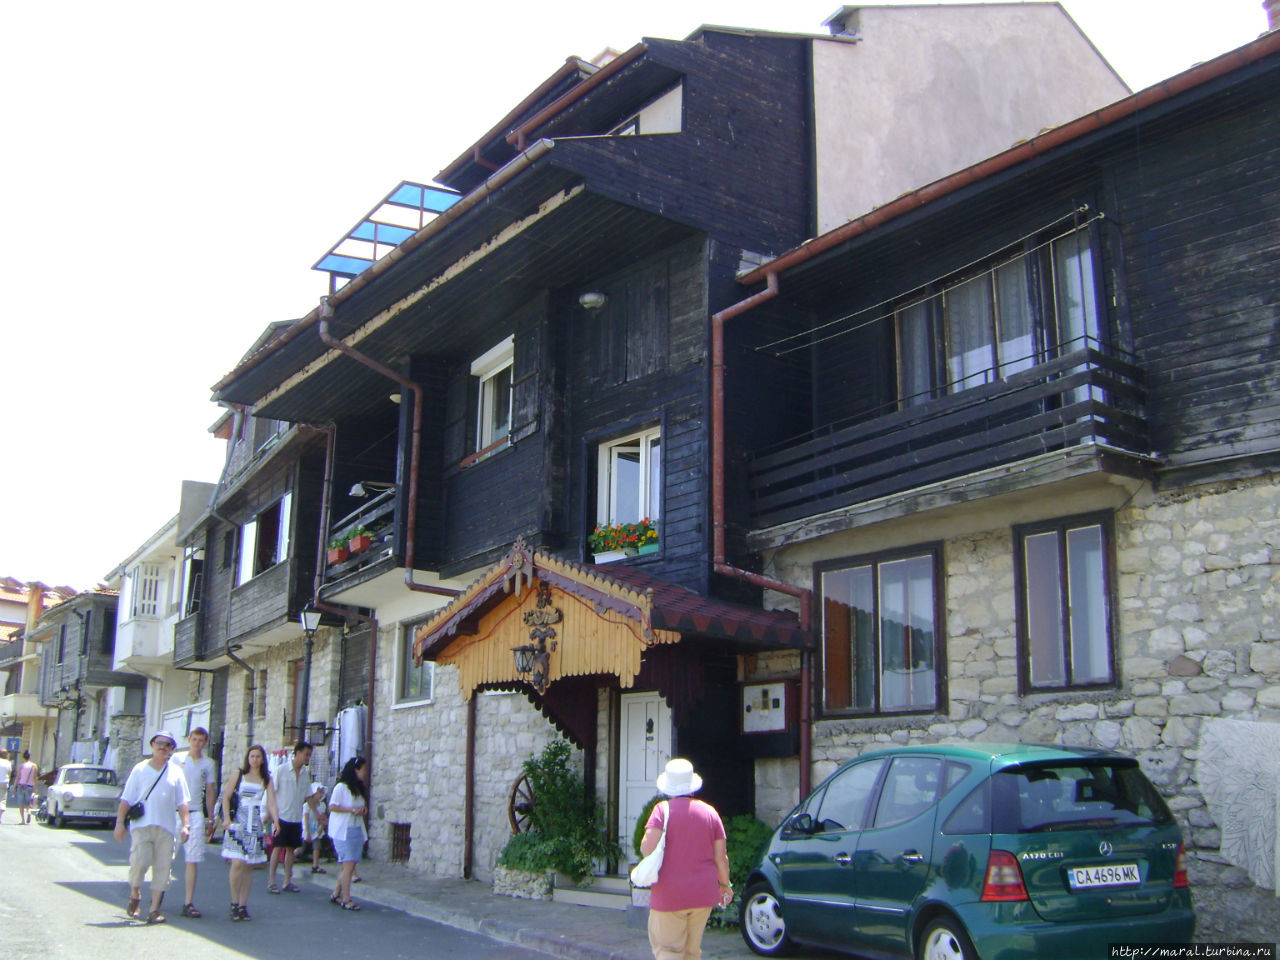 В город-музее новые дома в архитектурном отношении не должны отличаться от зданий исторической застройки